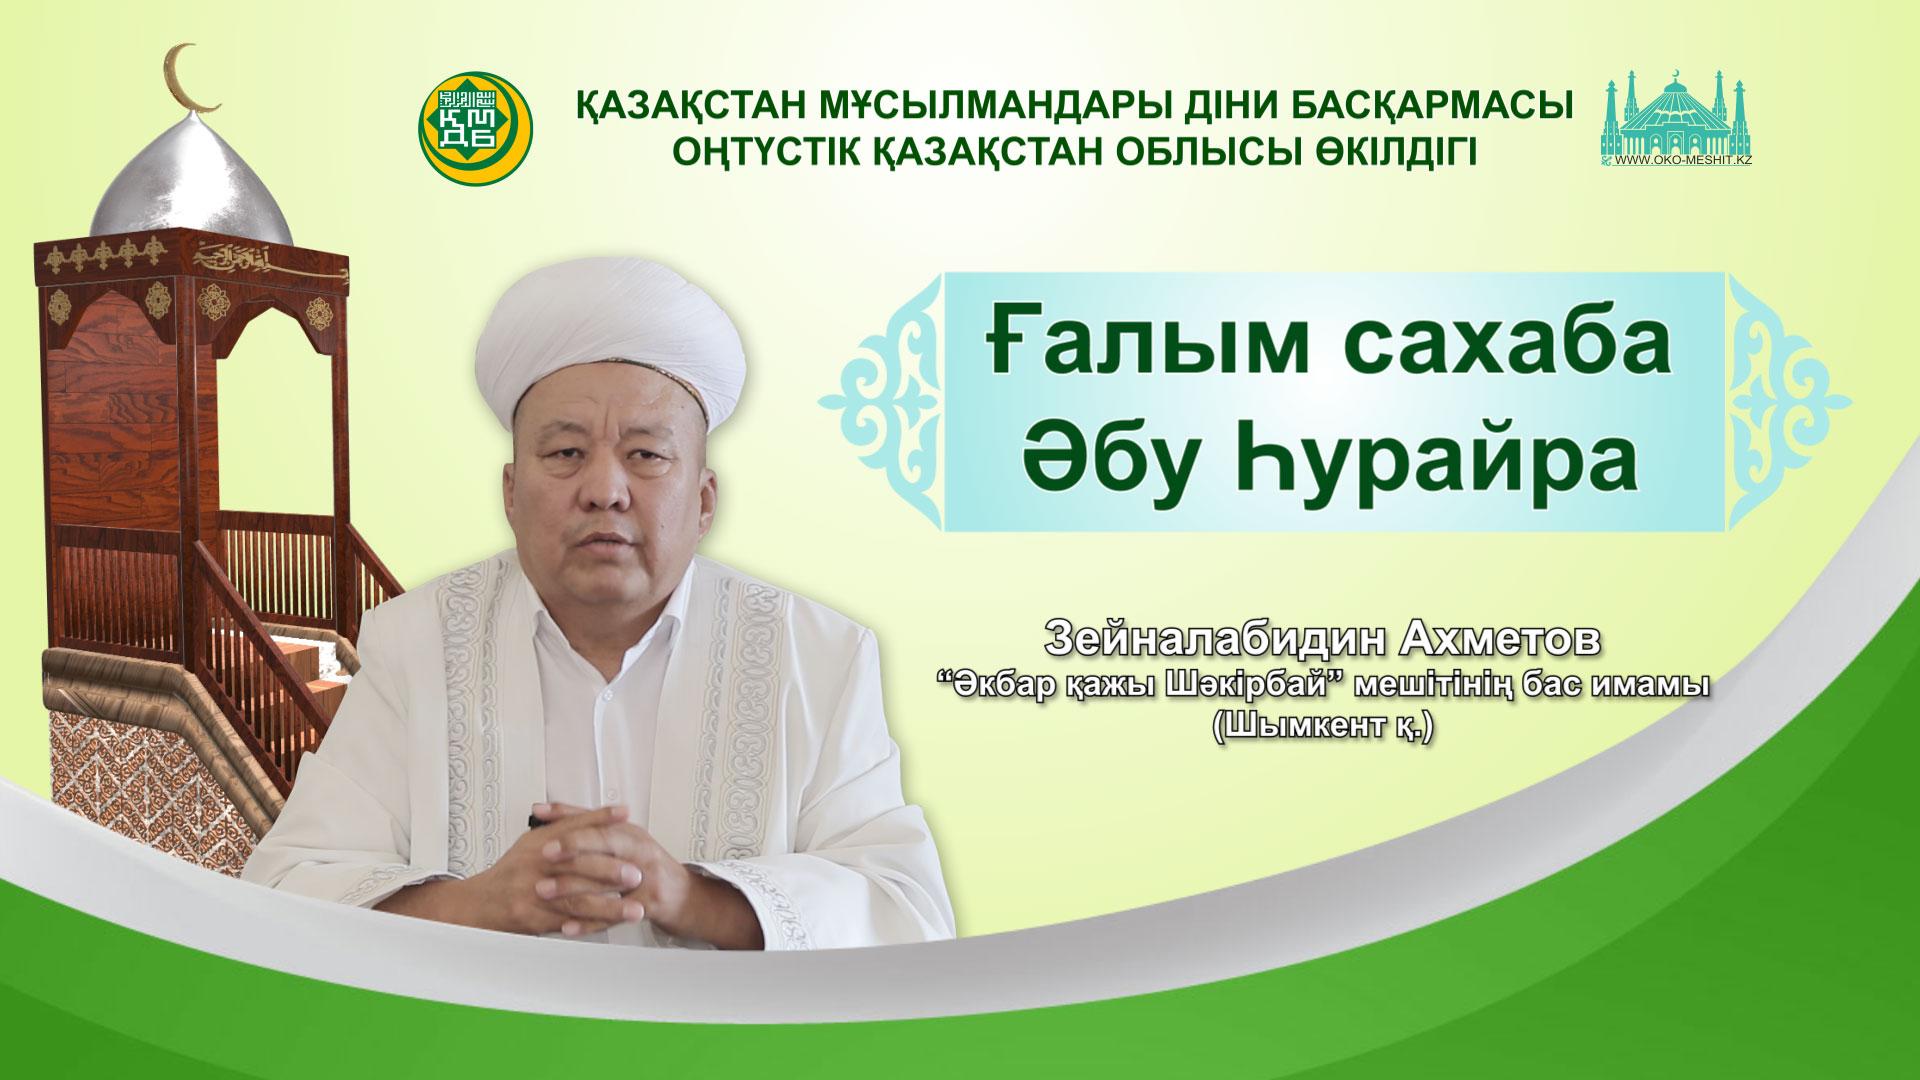 Ғалым сахаба Әбу Һурайра / Зейналабидин Ахметов